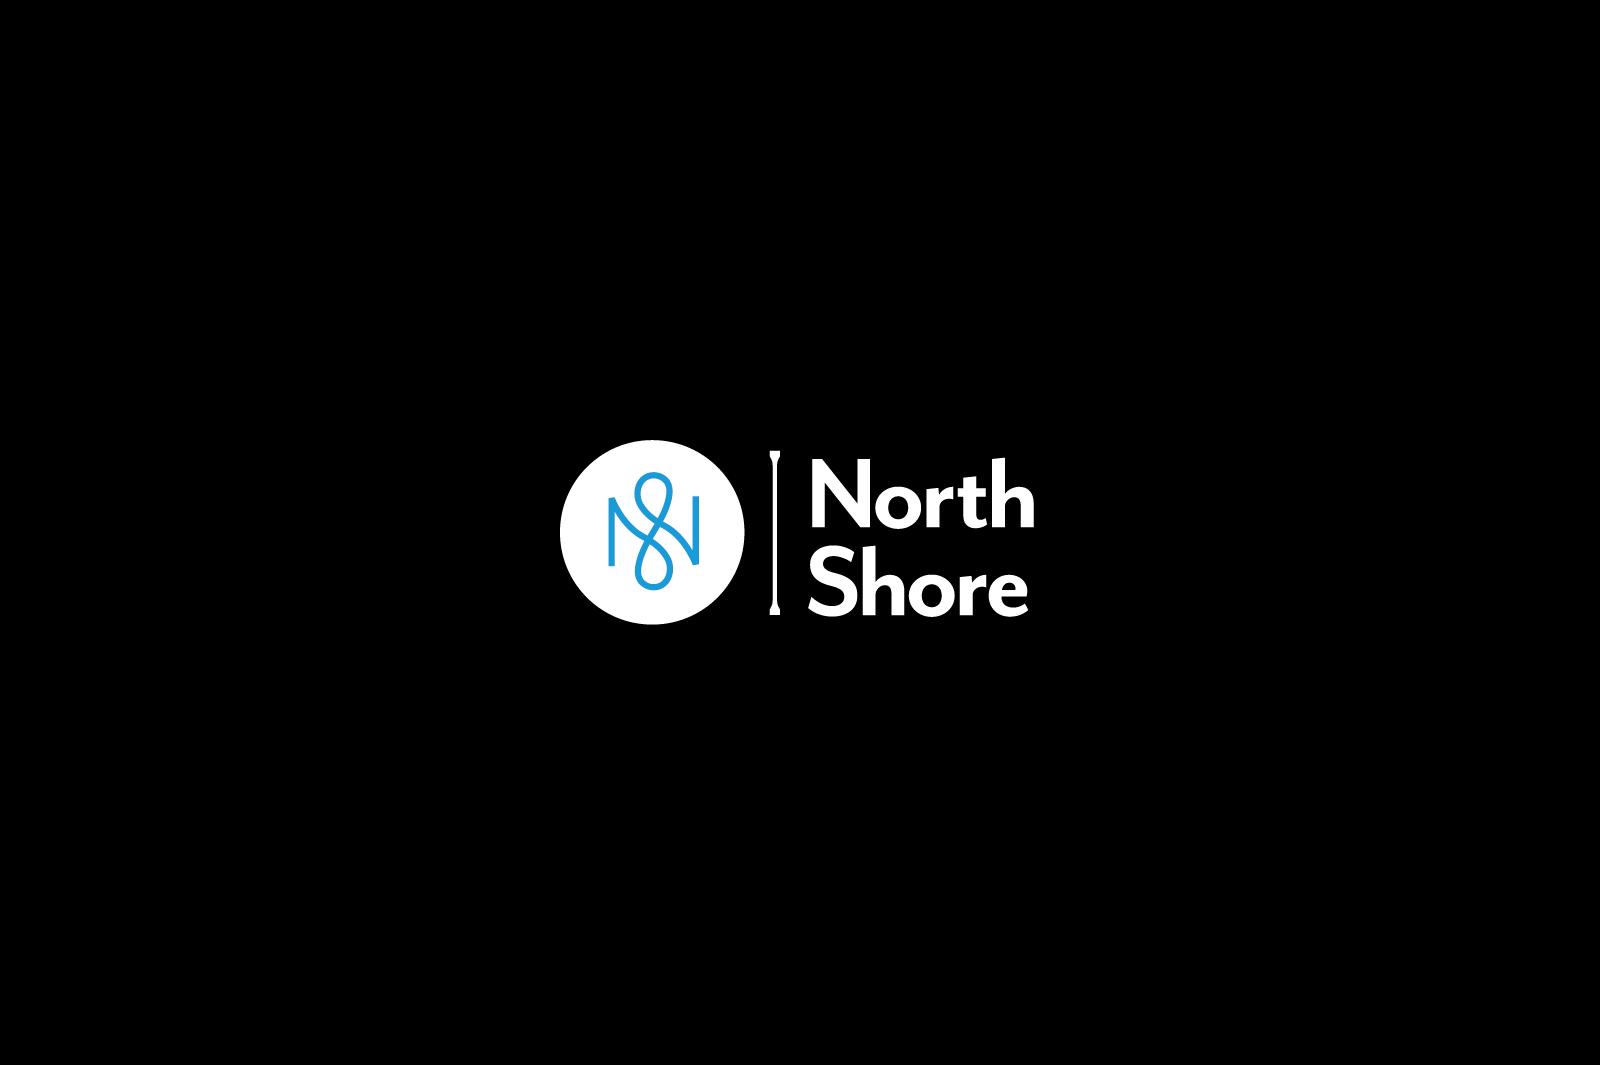 North Shore Vision logo